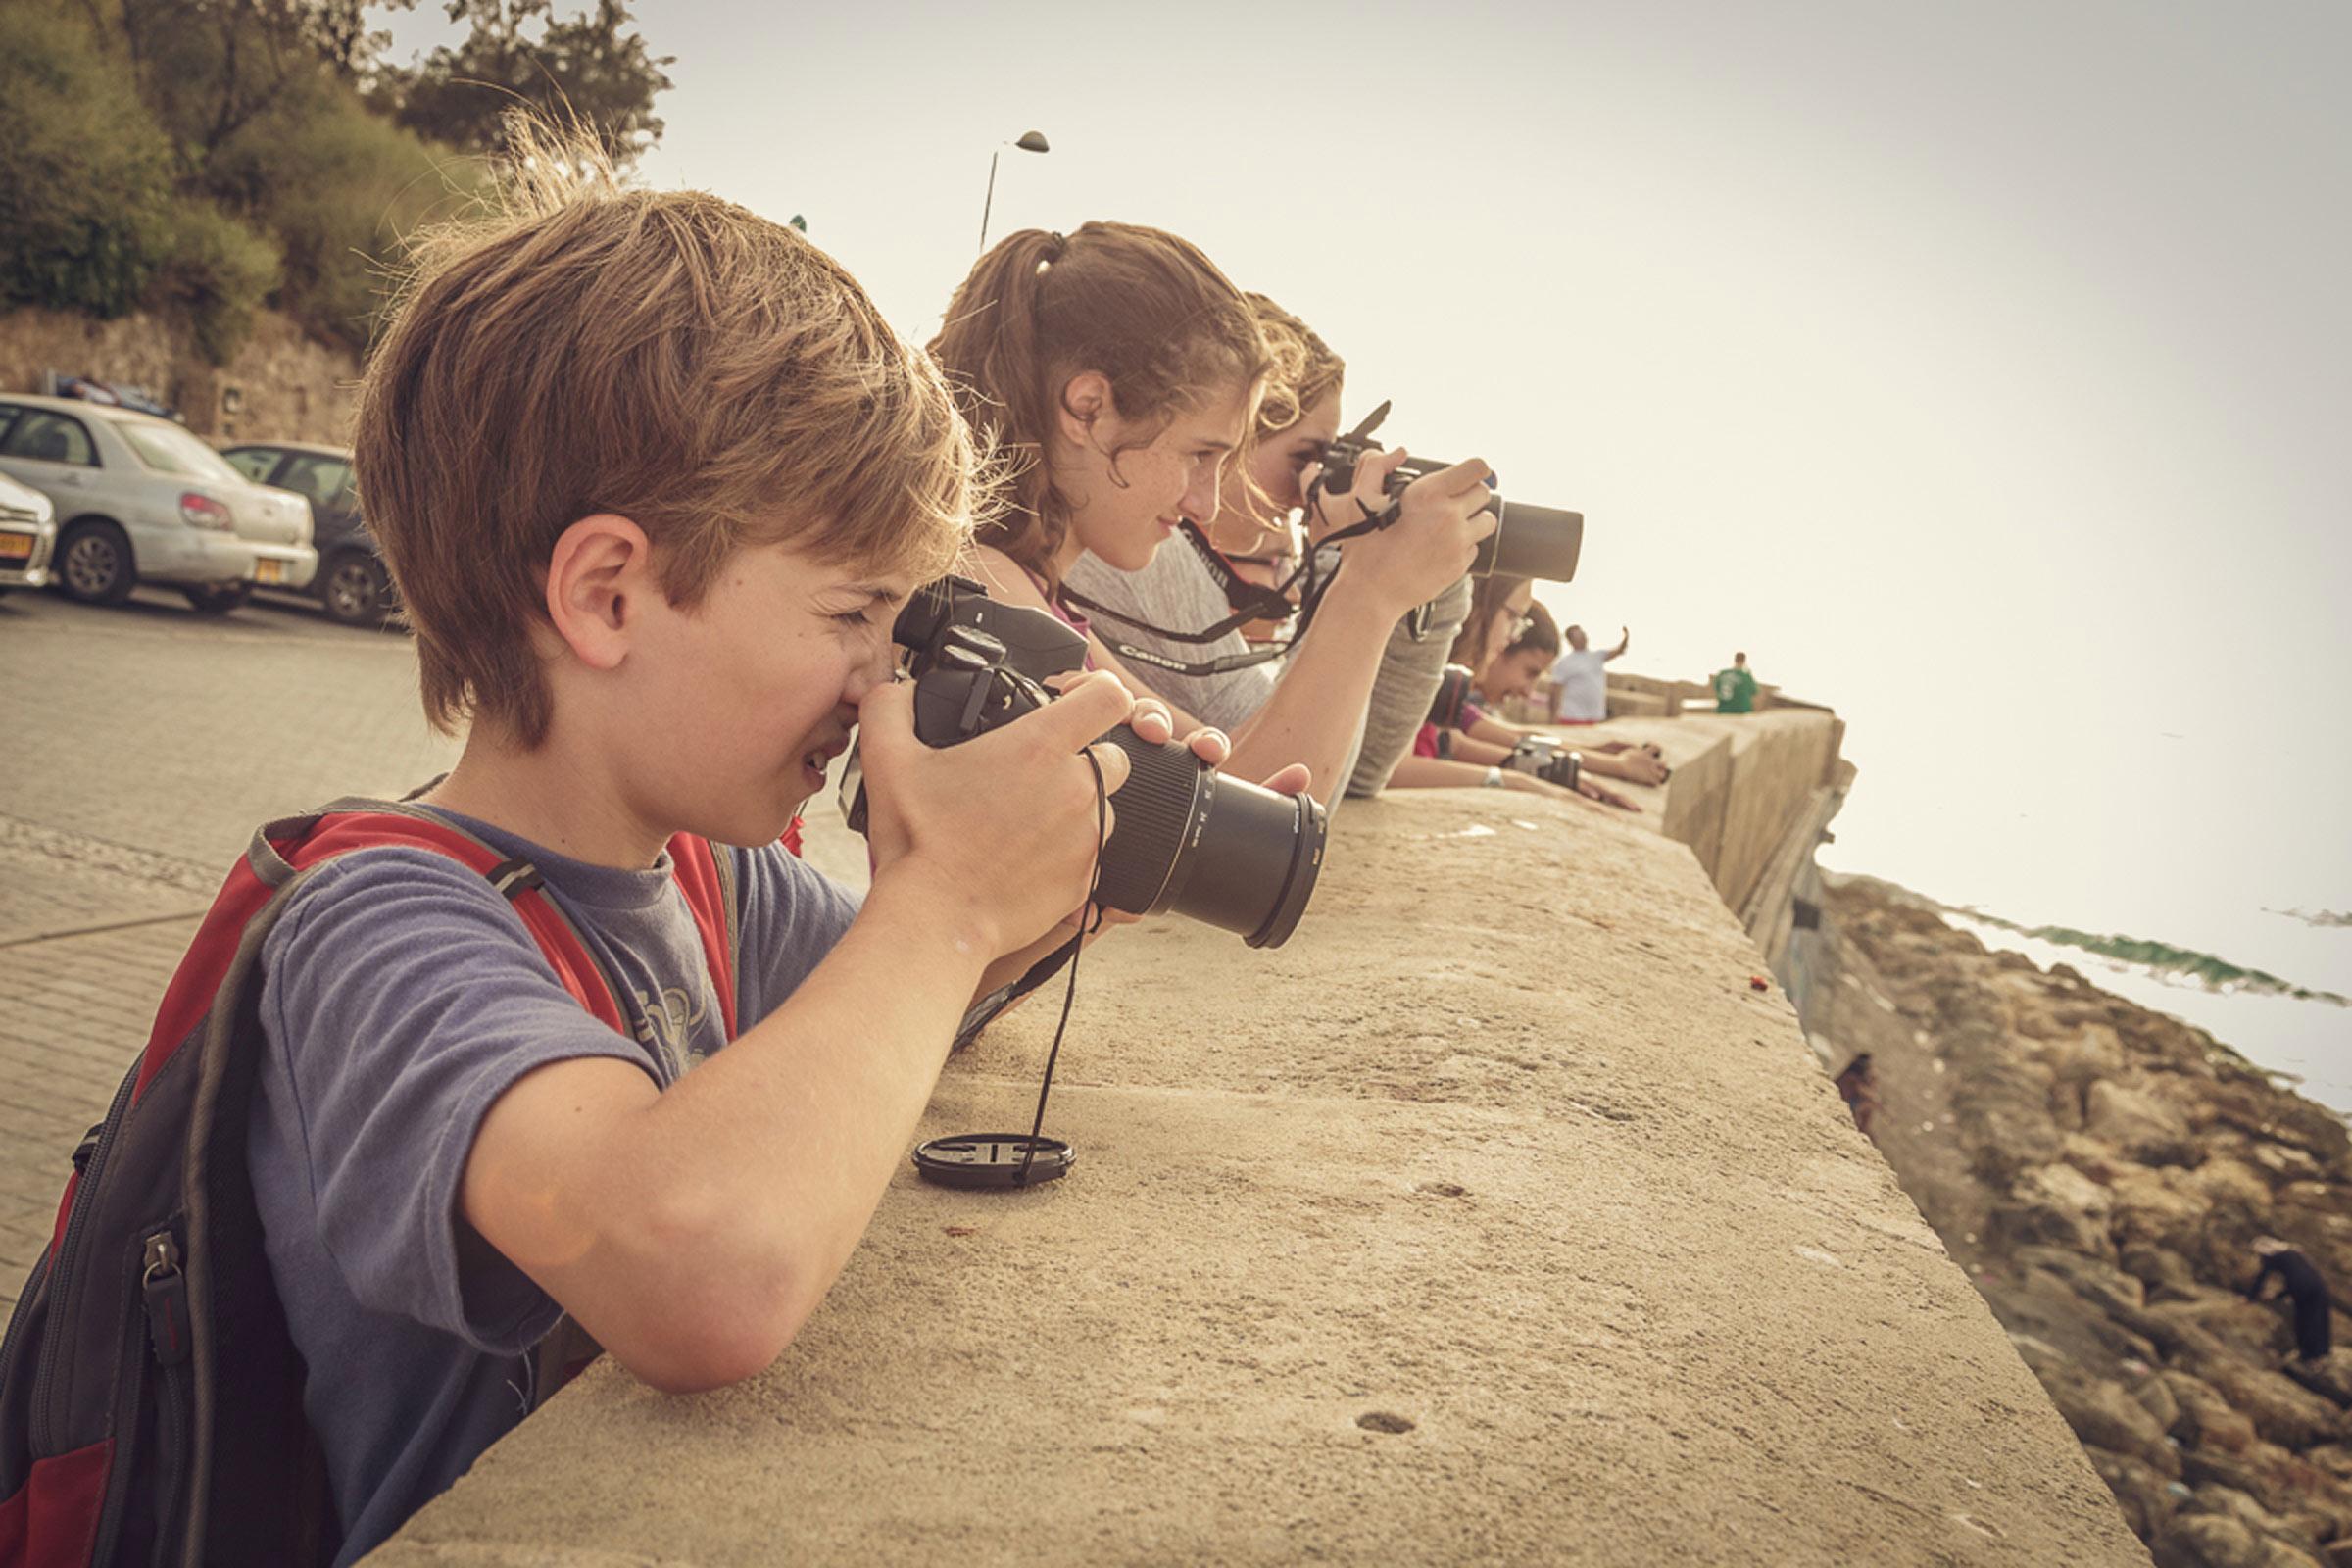 קורסי צילום לנוער